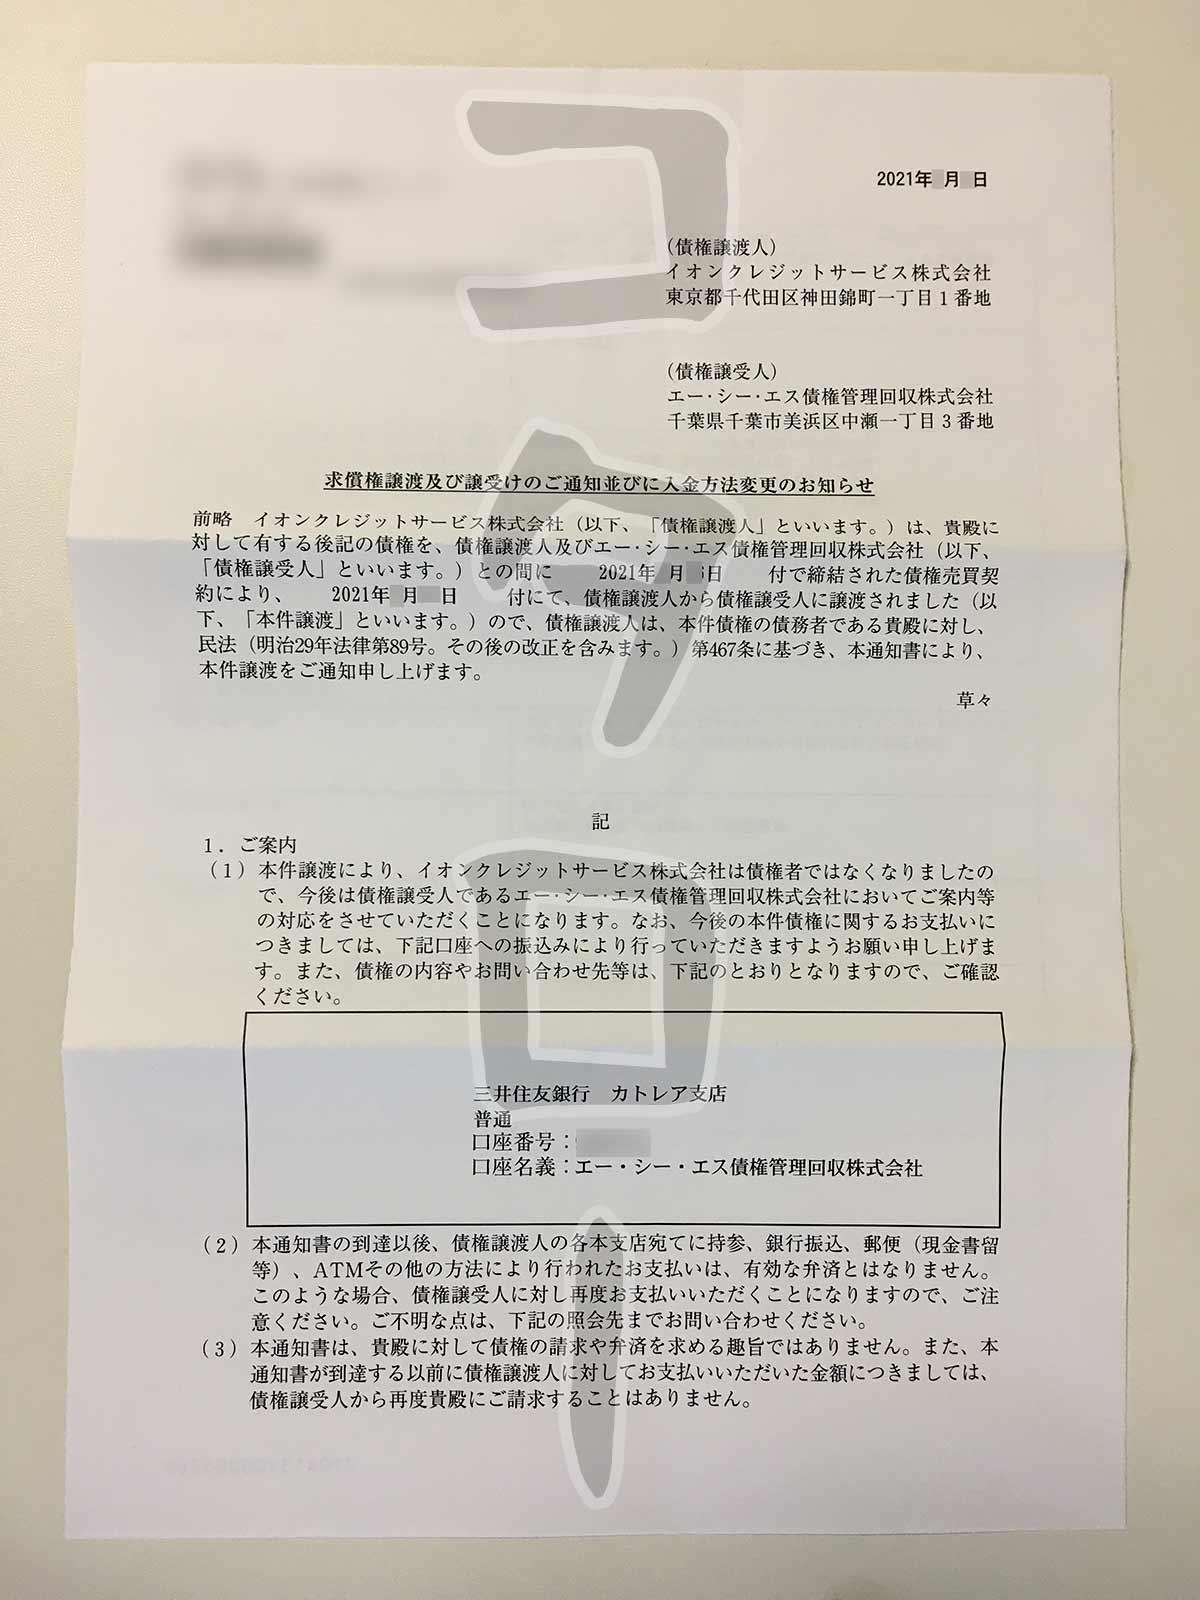 イオンクレジットサービス求償権譲渡-min